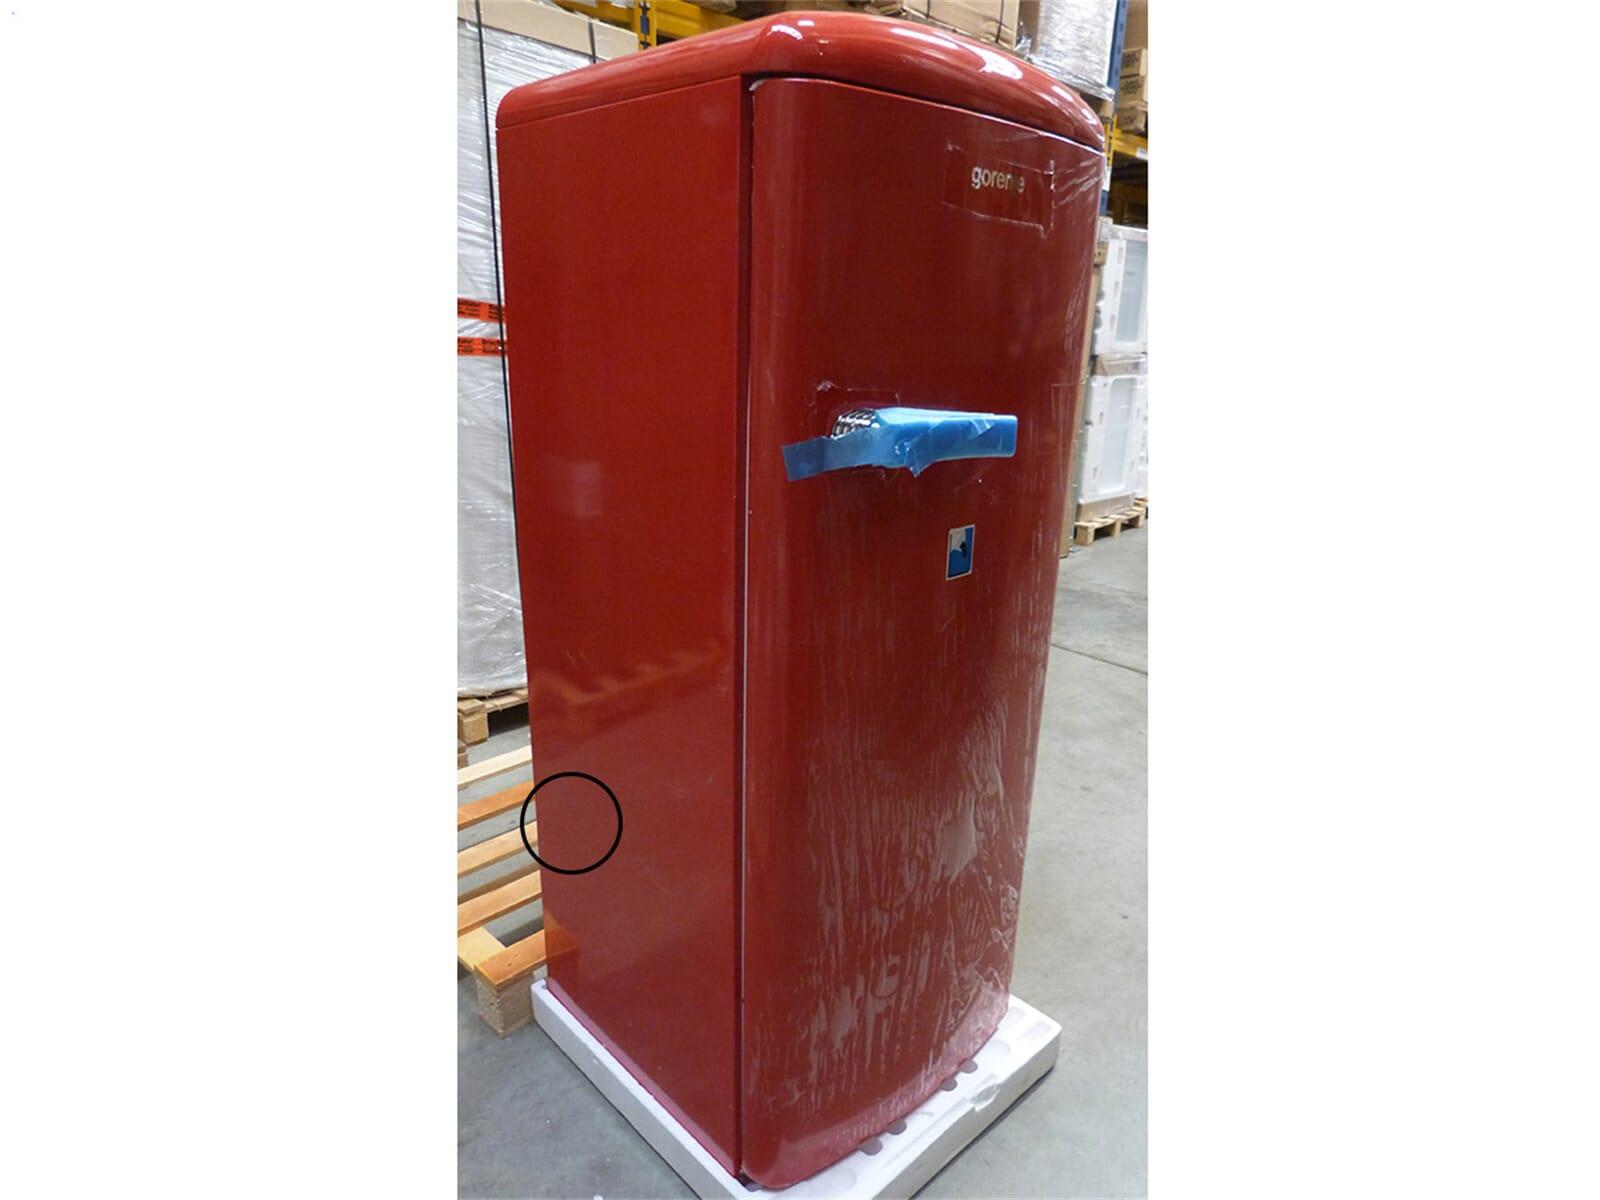 Retro Kühlschrank Testbericht : Retro kühlschrank schaub lorenz bewertung matt roter retro